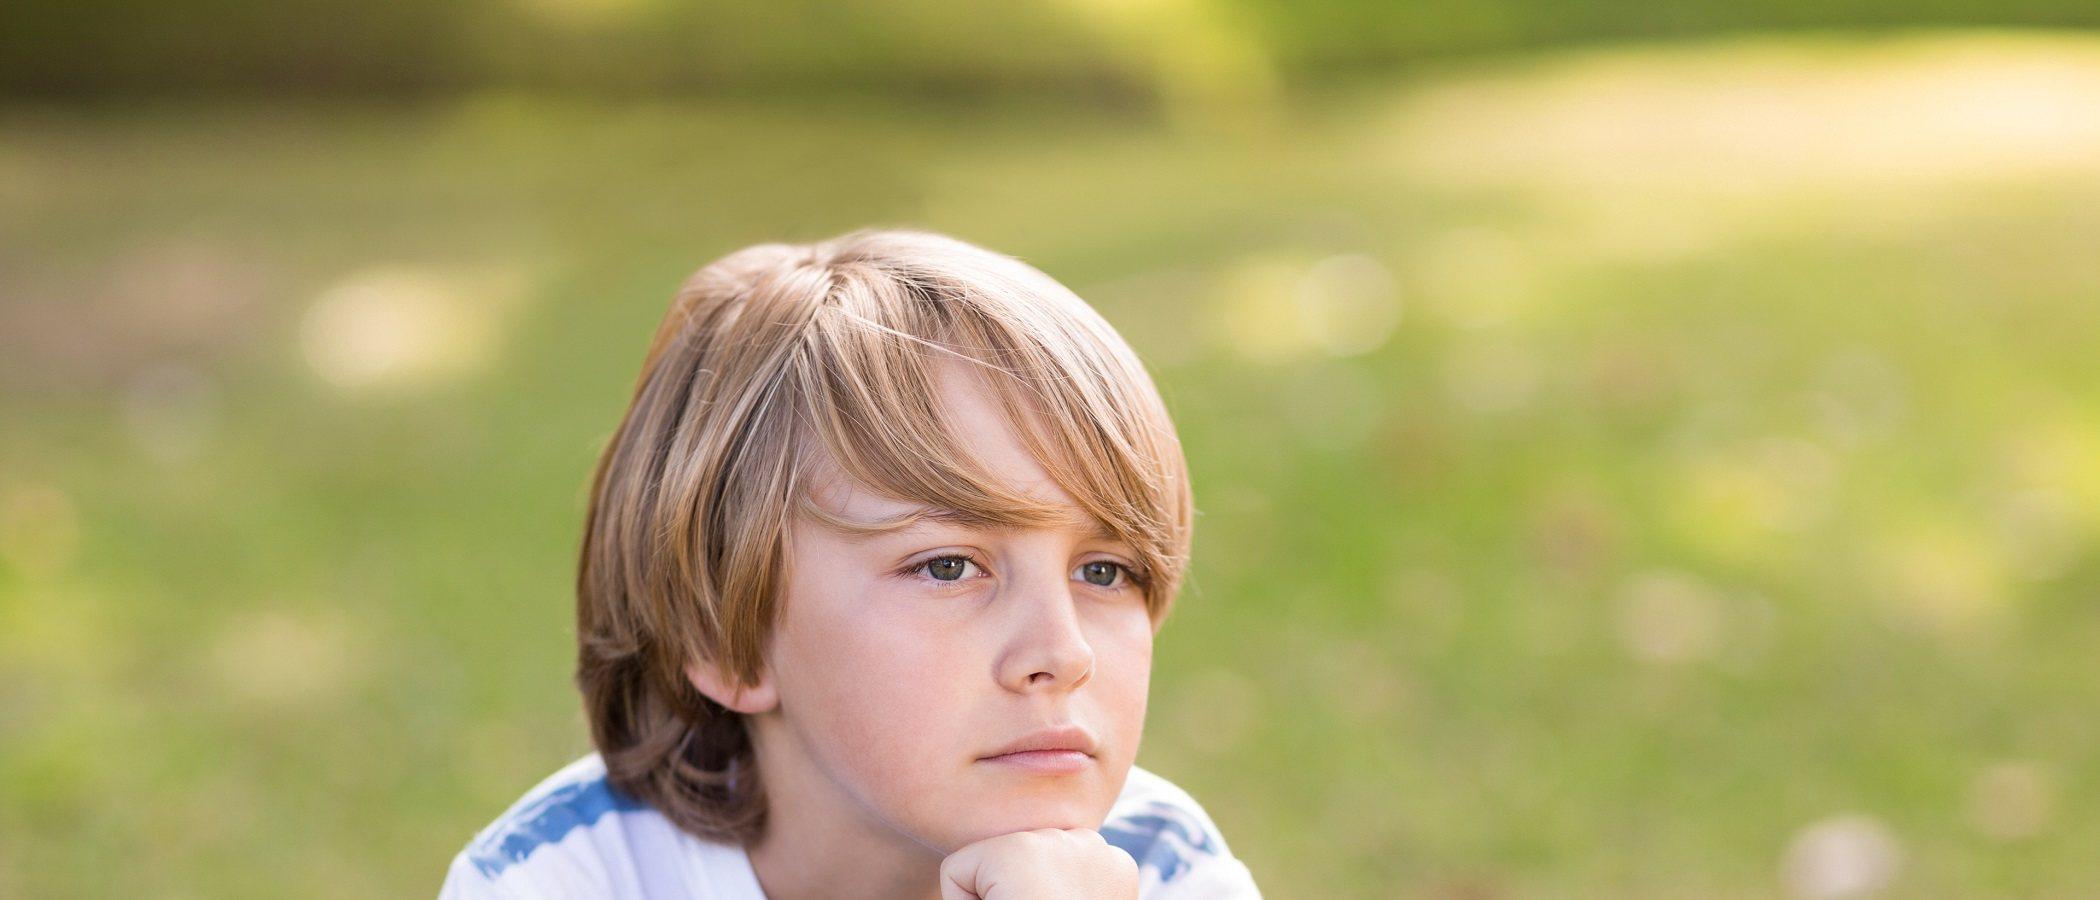 Cómo abordar los pensamientos intrusivos en niños